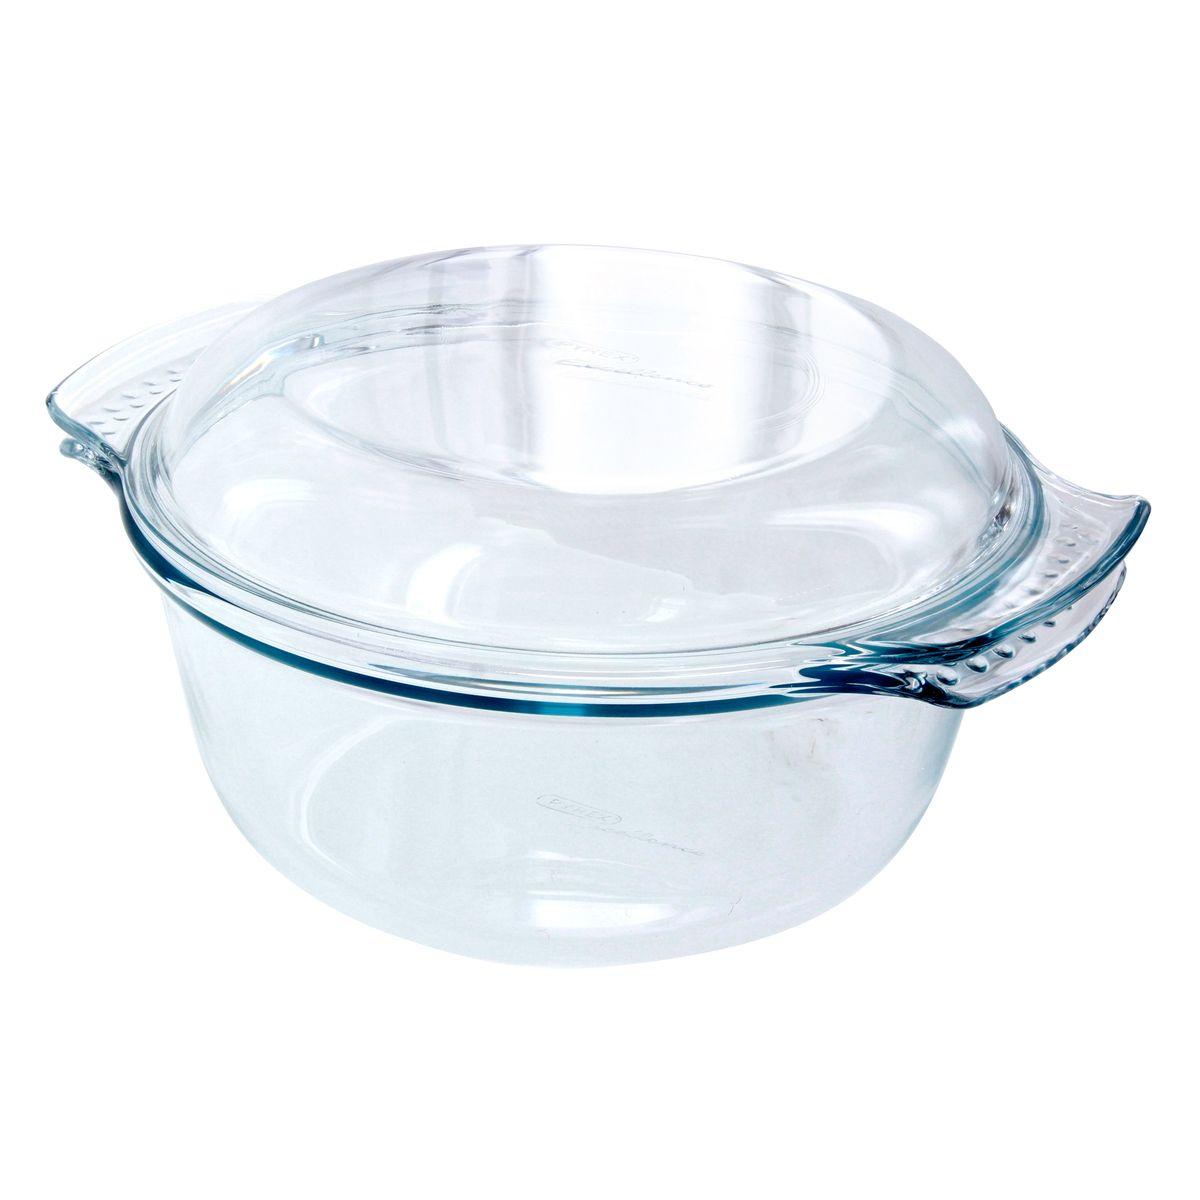 Cocotte ronde  3l5 - Pyrex